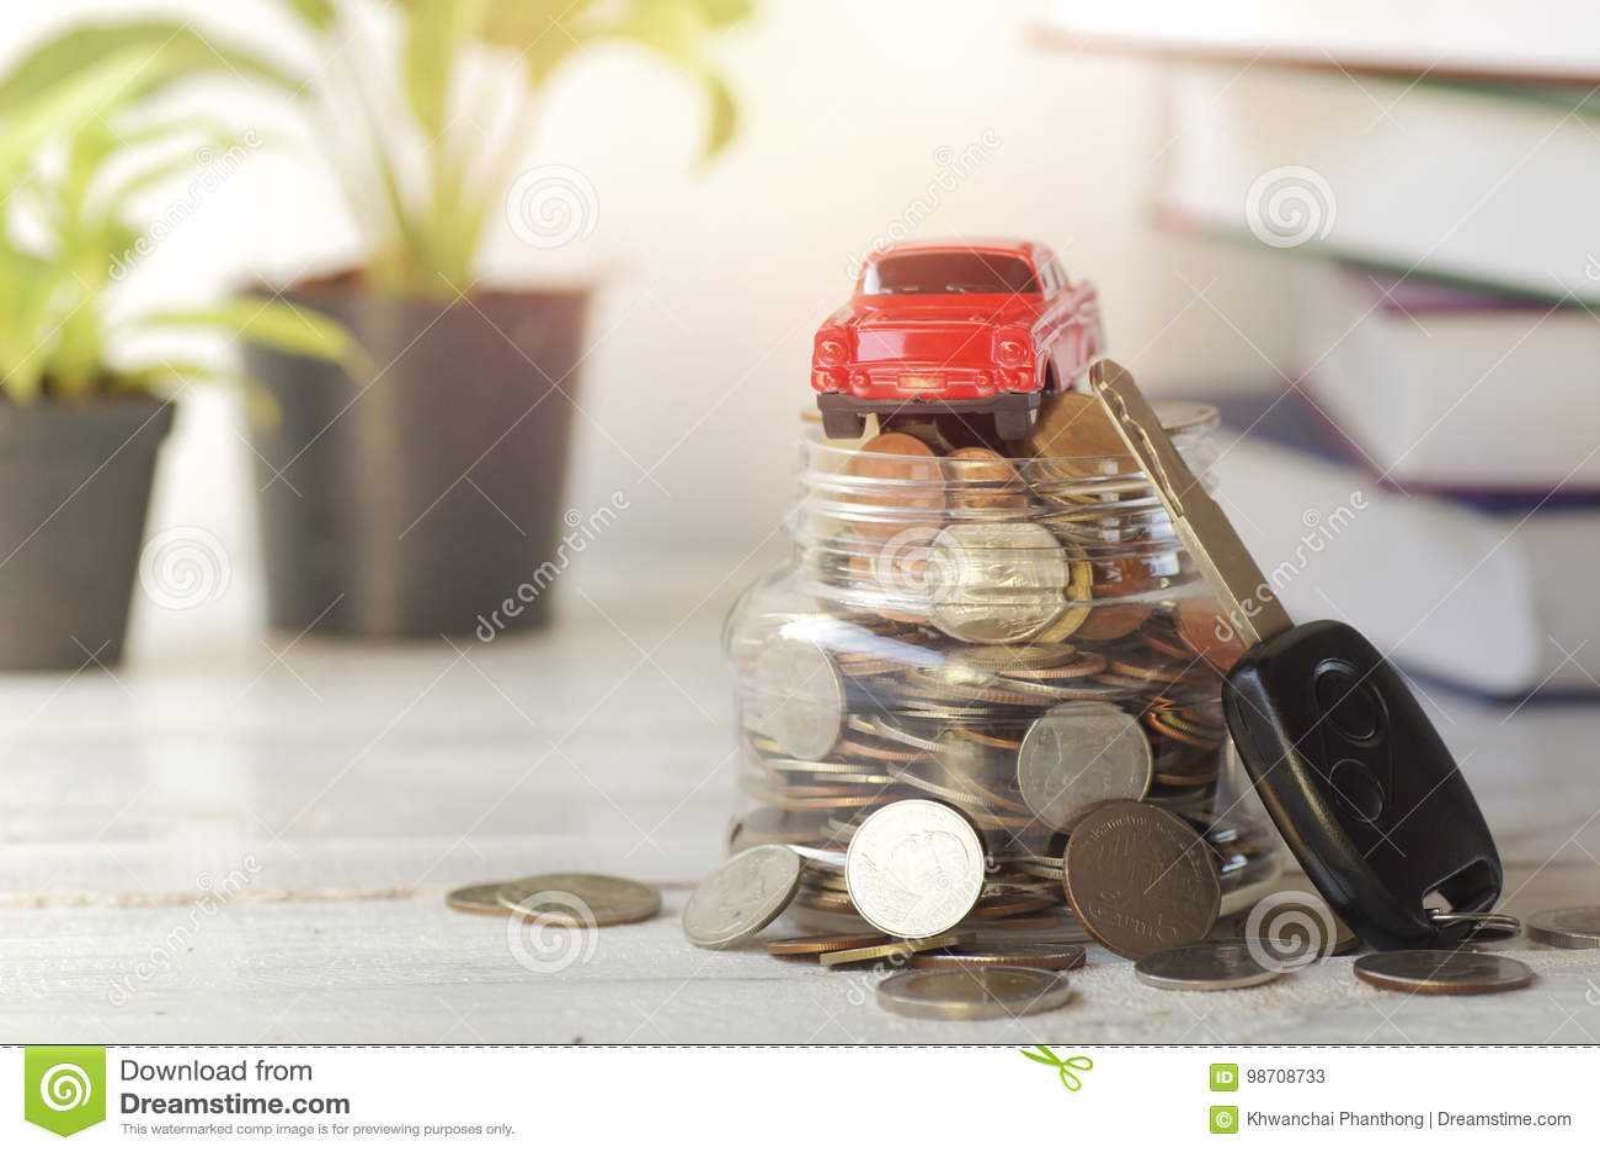 Clé Et Invente L'argent Dans Jouet La BouteilleVoiture De VSUpLqzMG